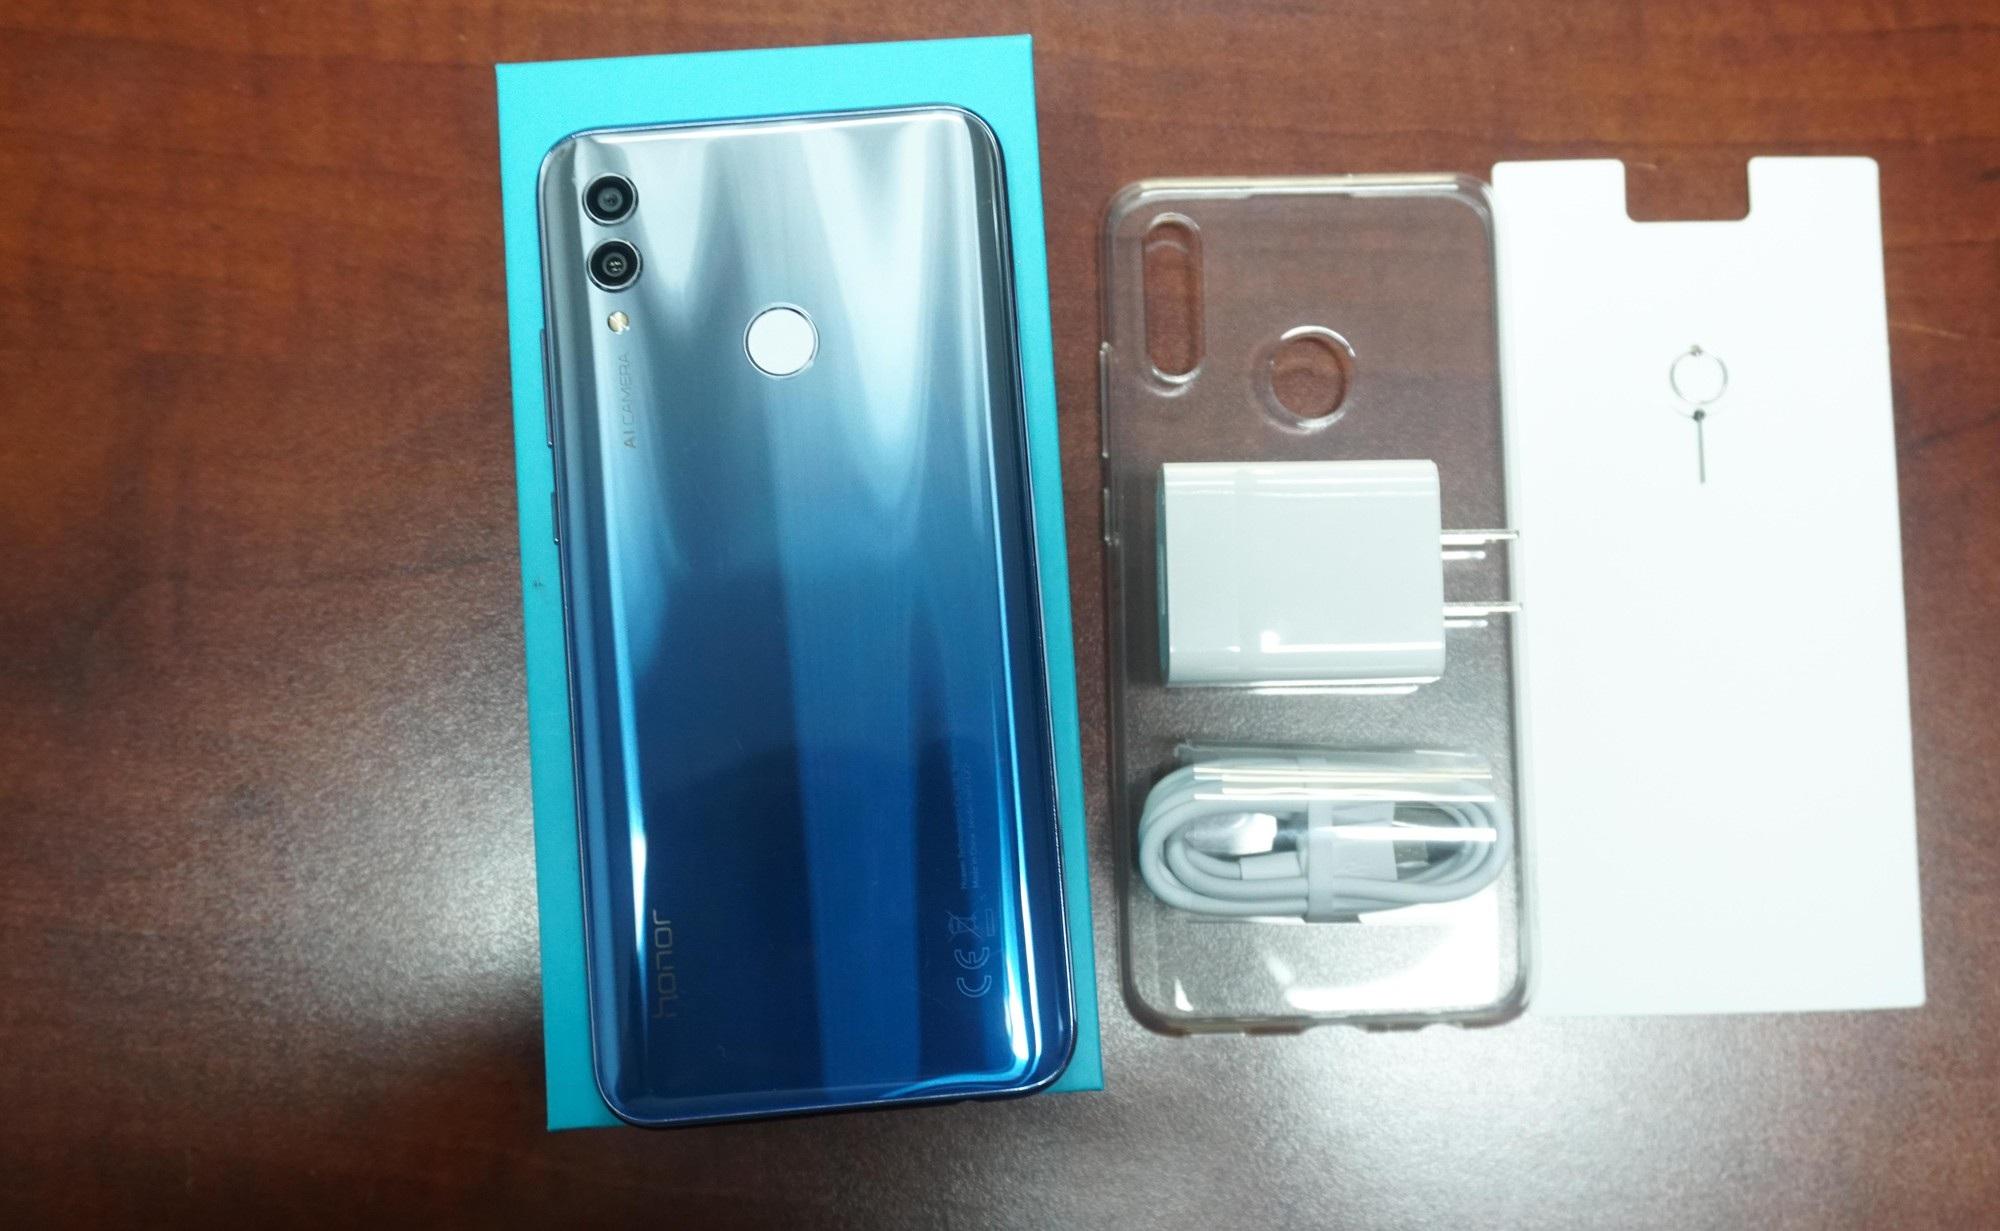 Đập hộp Honor 10 Lite - smartphone tầm trung sắp bán ở Việt Nam với giá khoảng 5 triệu đồng - Ảnh 3.